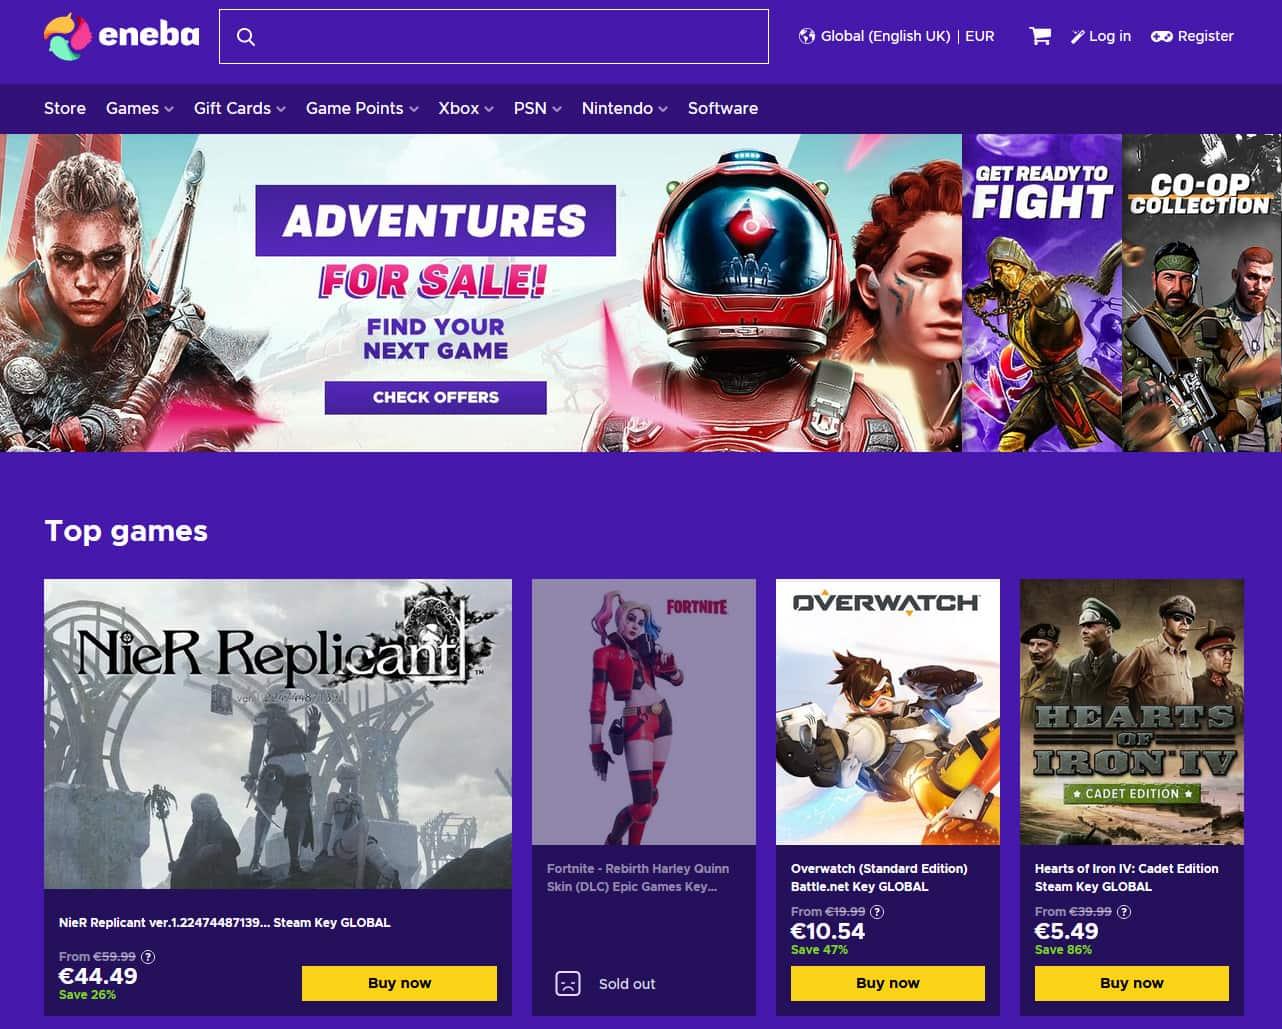 eneba game store homepage